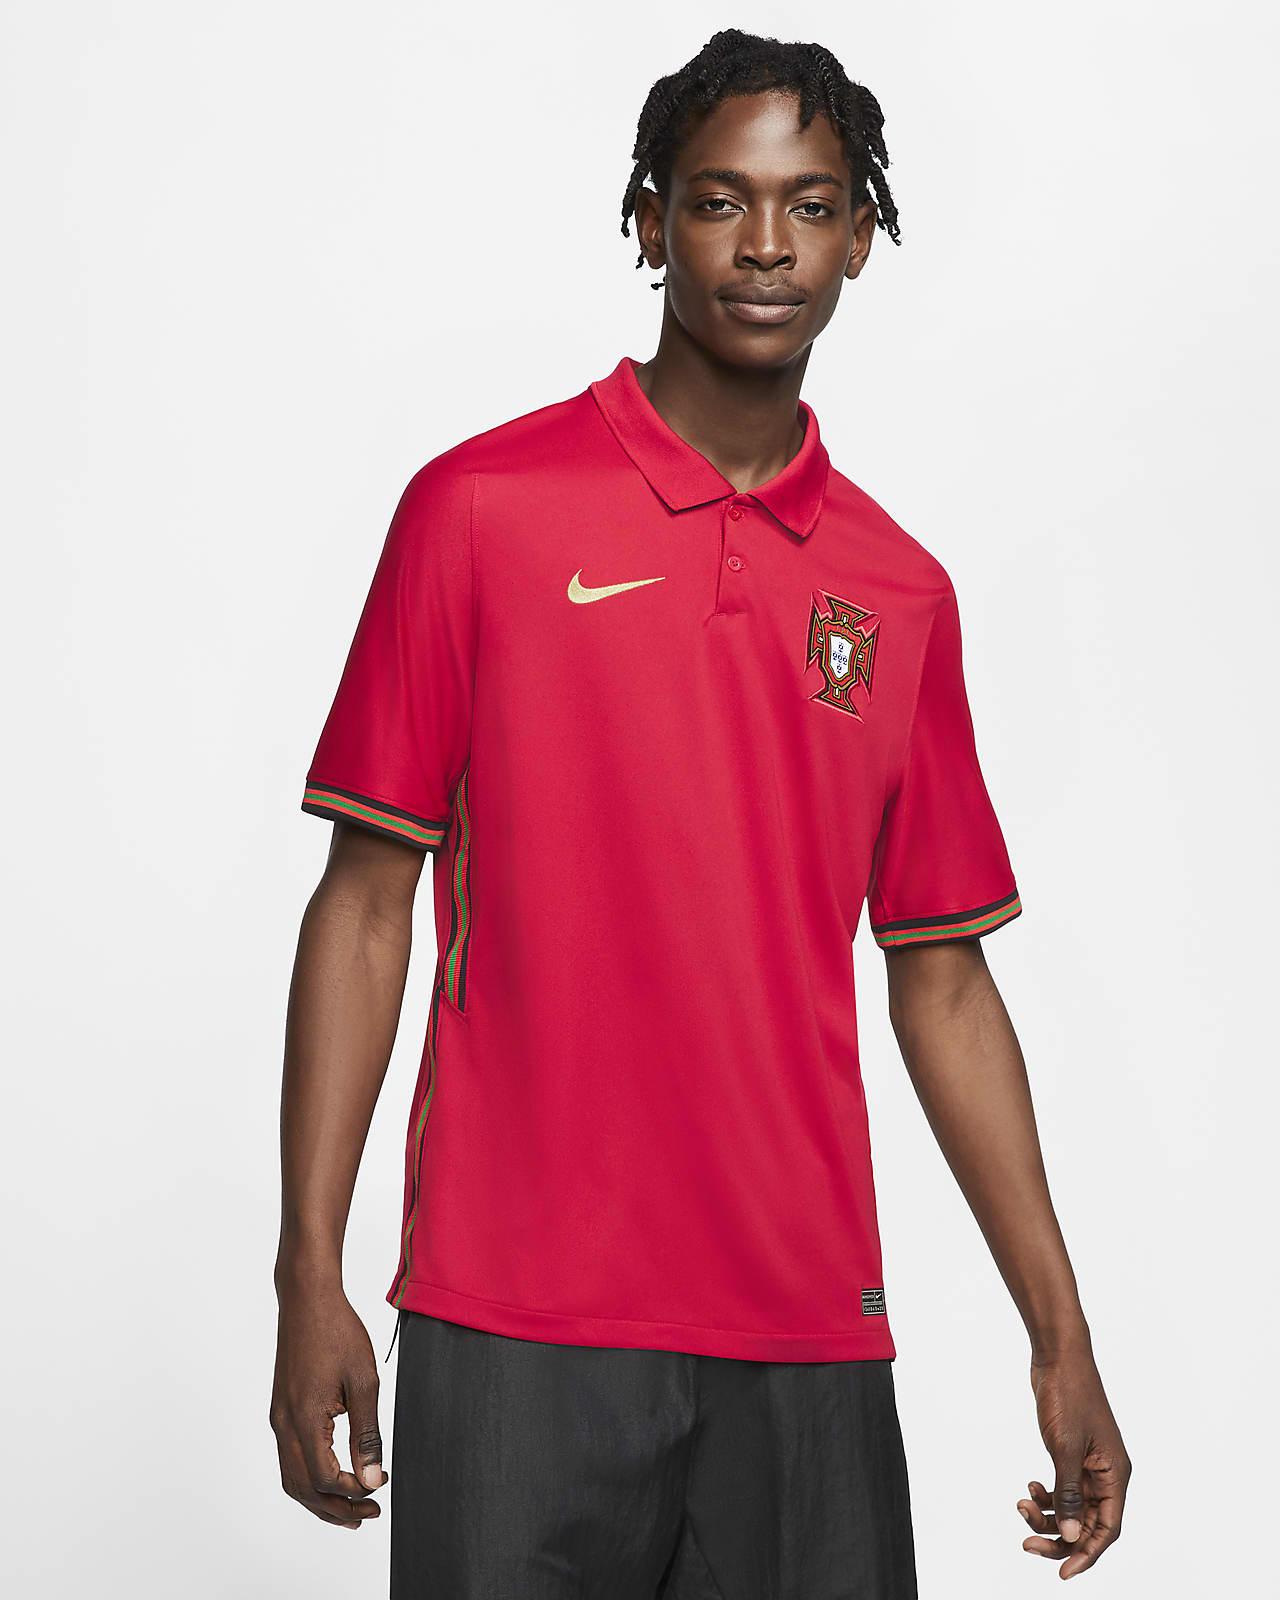 Ανδρική ποδοσφαιρική φανέλα Portugal 2020 Stadium Home